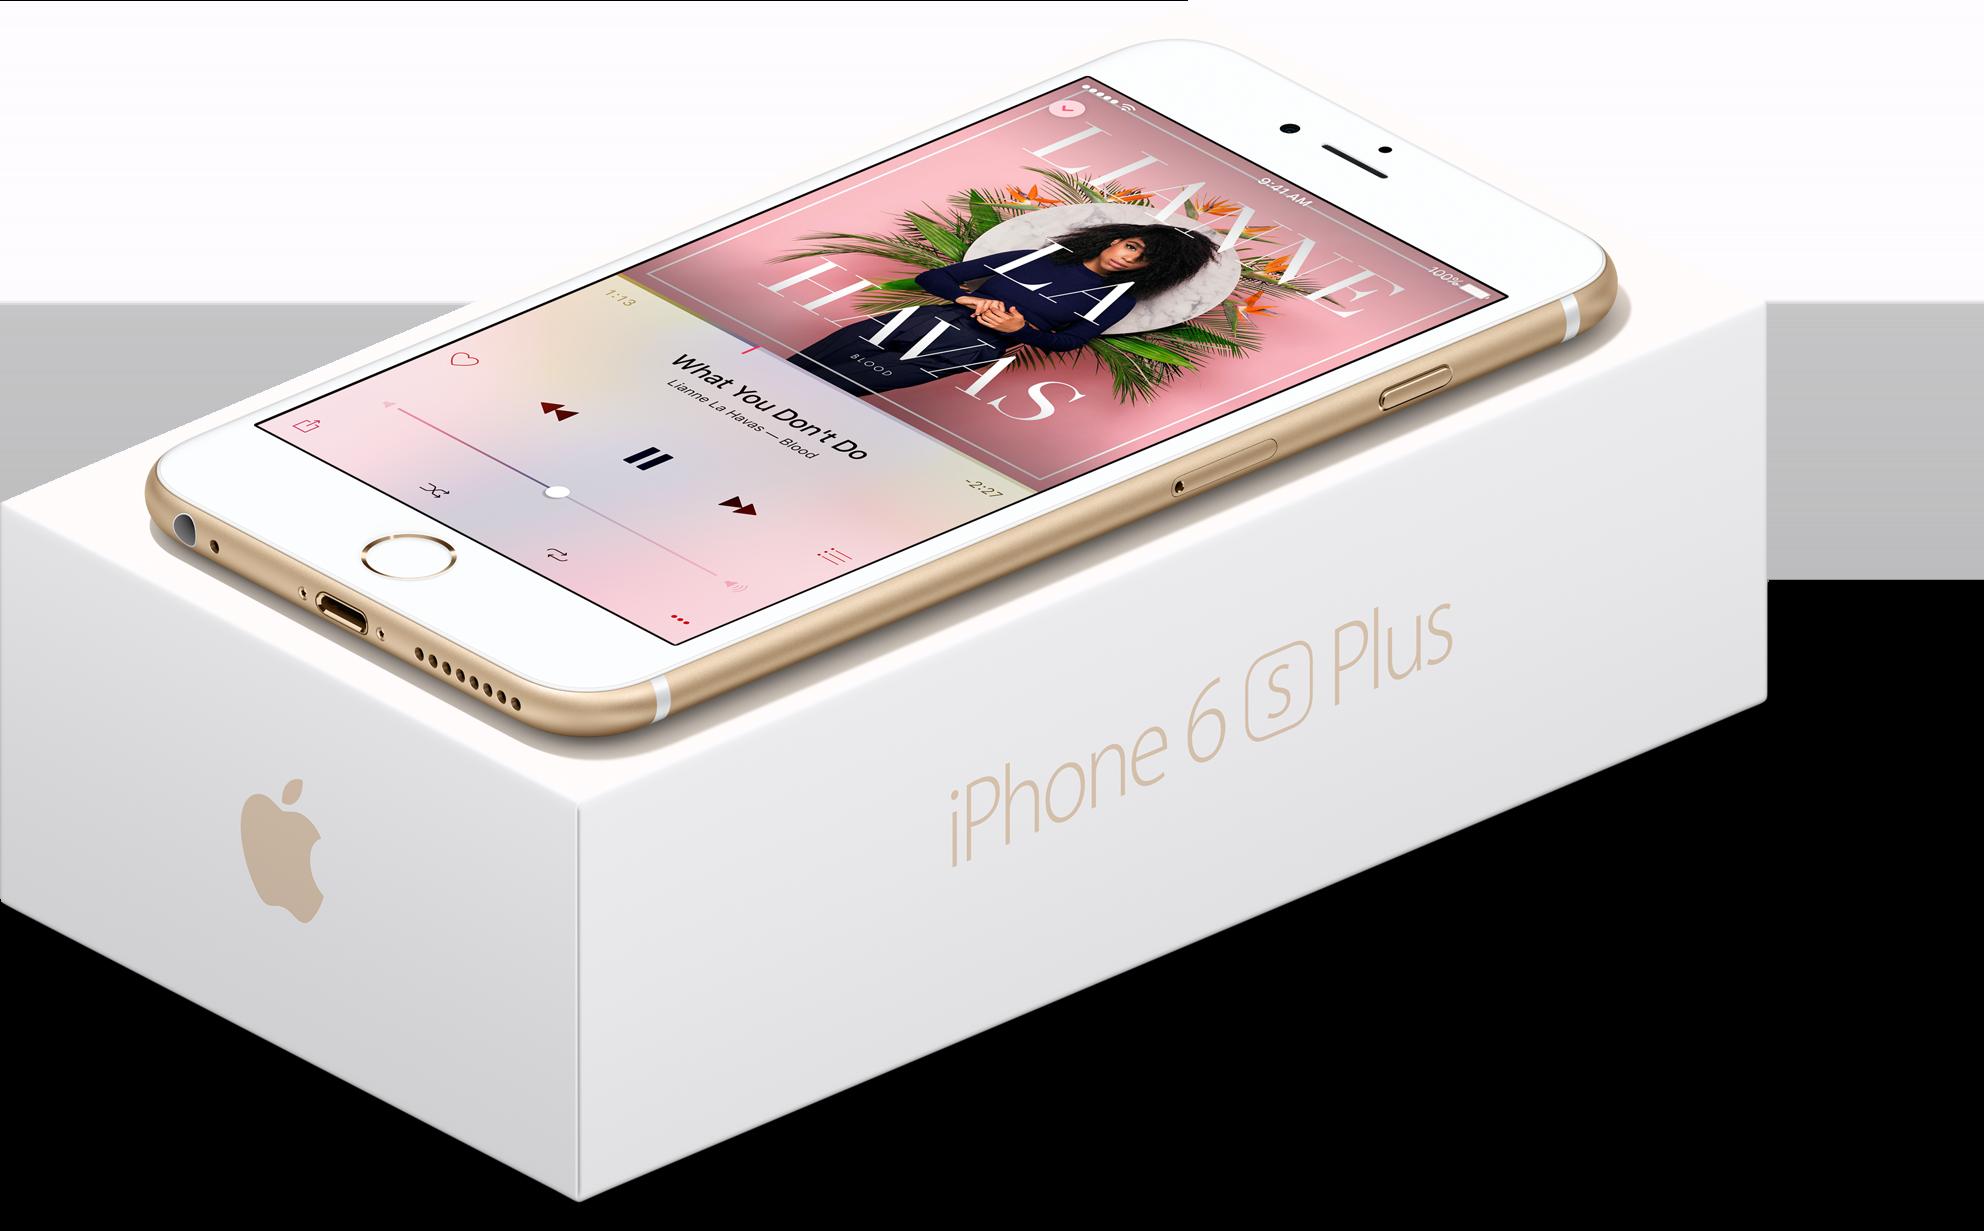 iPhone 6s Plus dourado em cima da sua caixa de frente e de lado